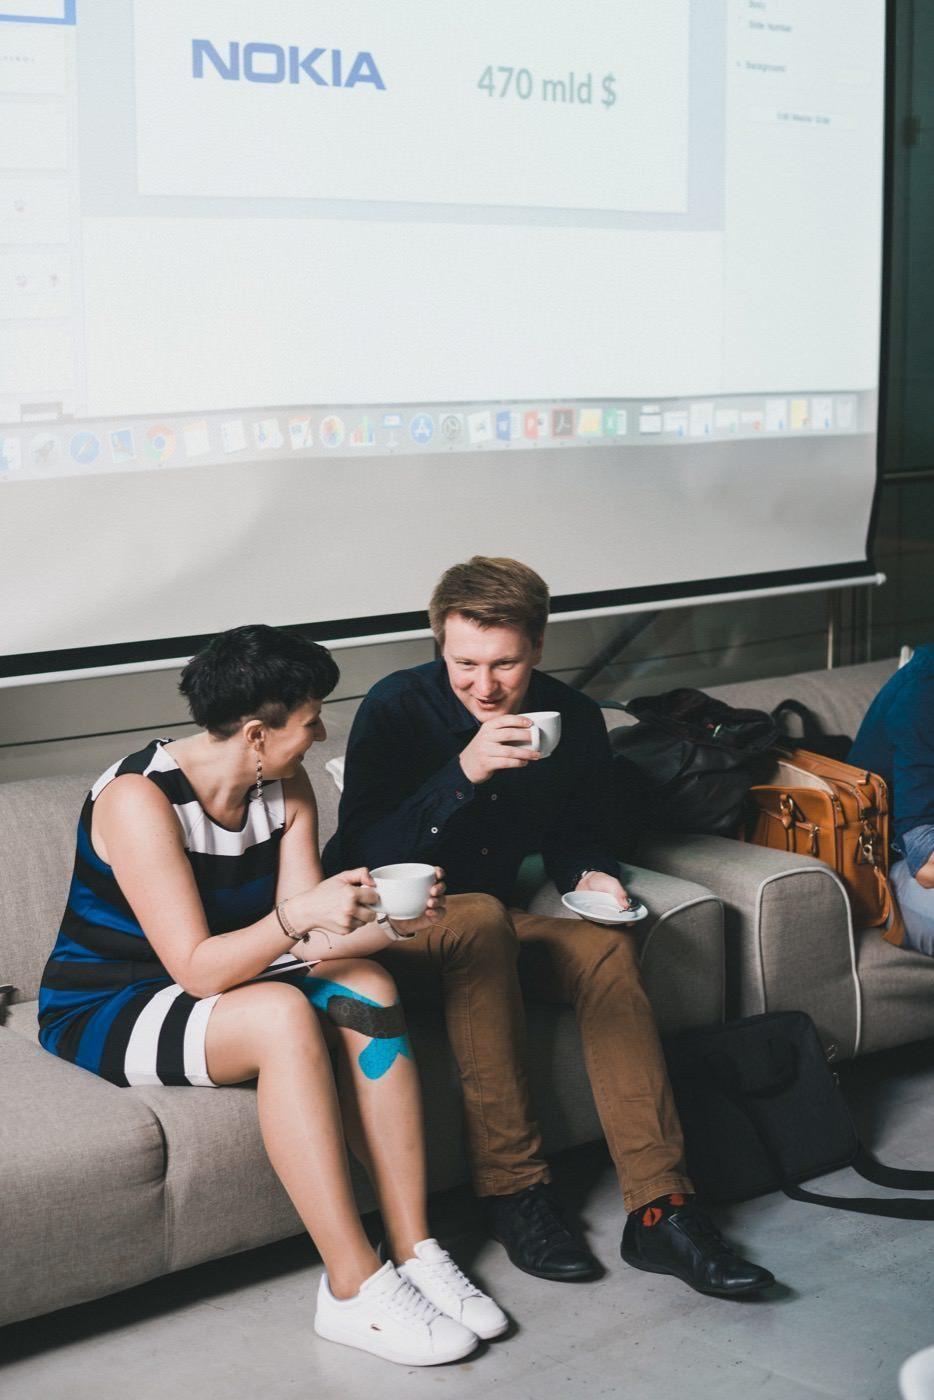 Dziewczyna i chłopak rozmawiają na szarej kanapie